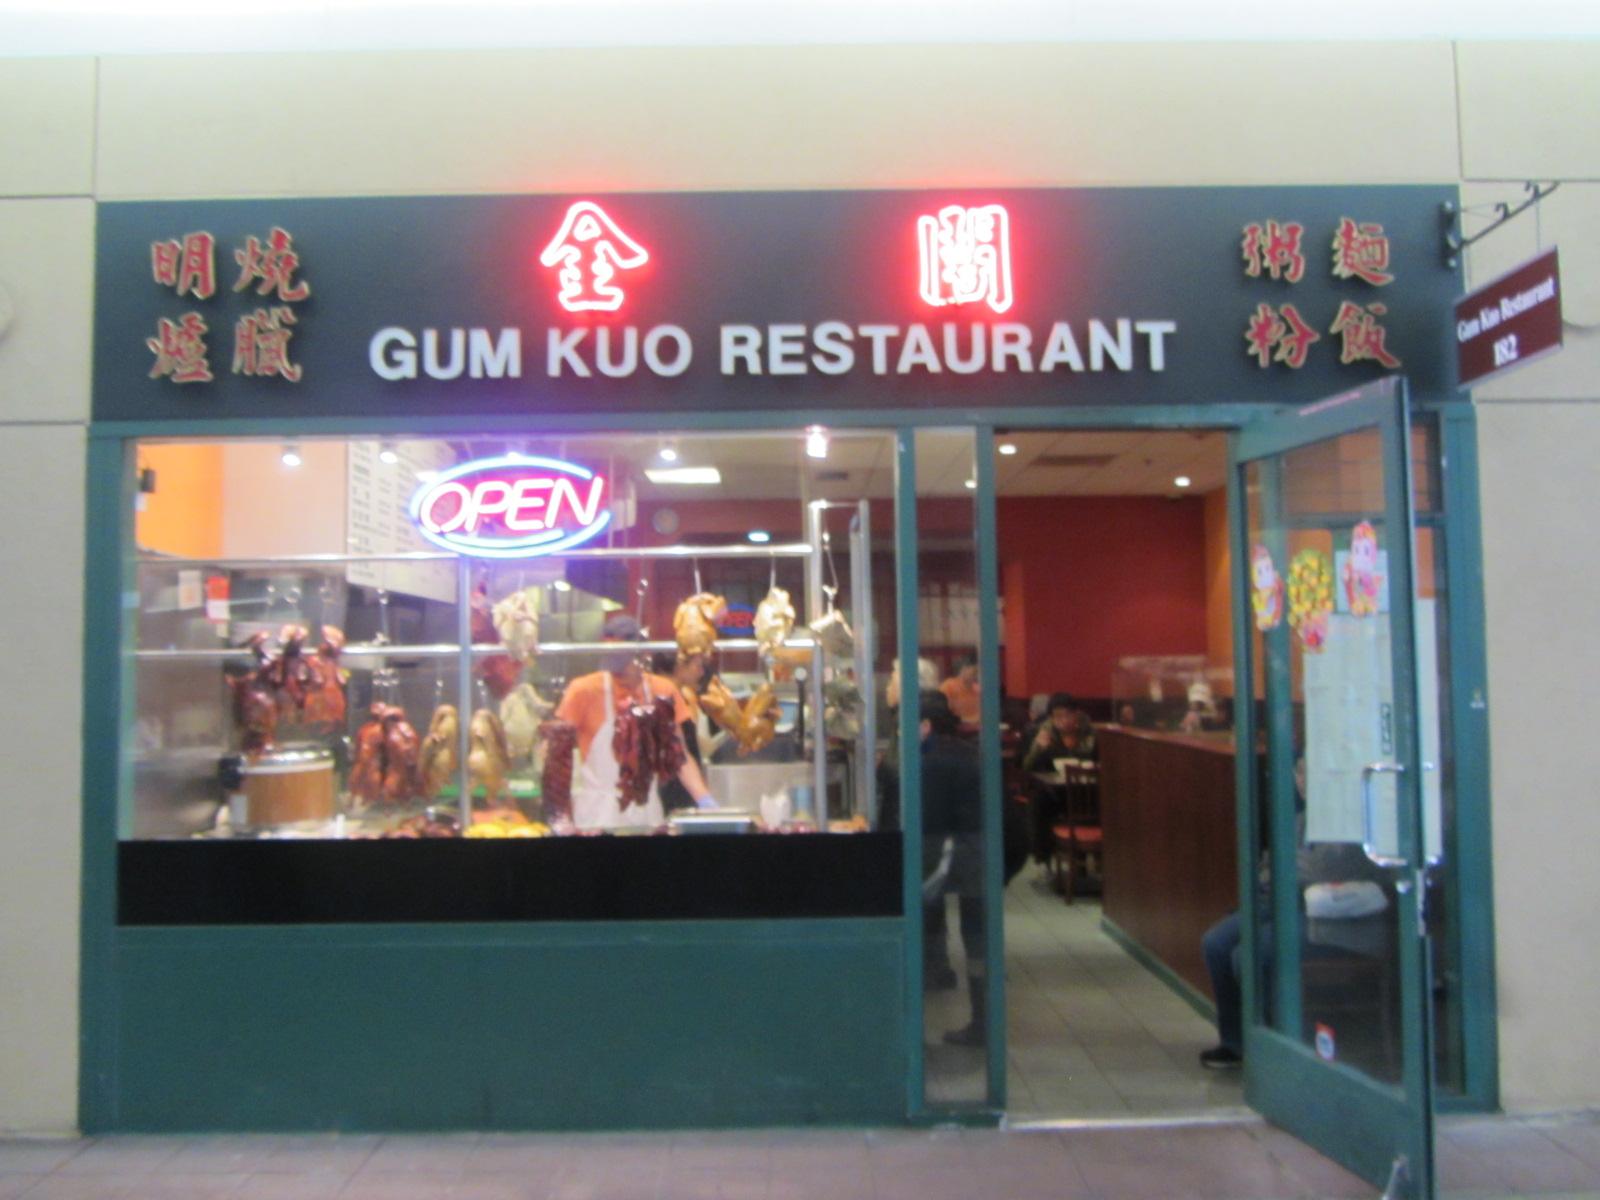 Oakland gum kuo restaurant - Restaurante kuo ...